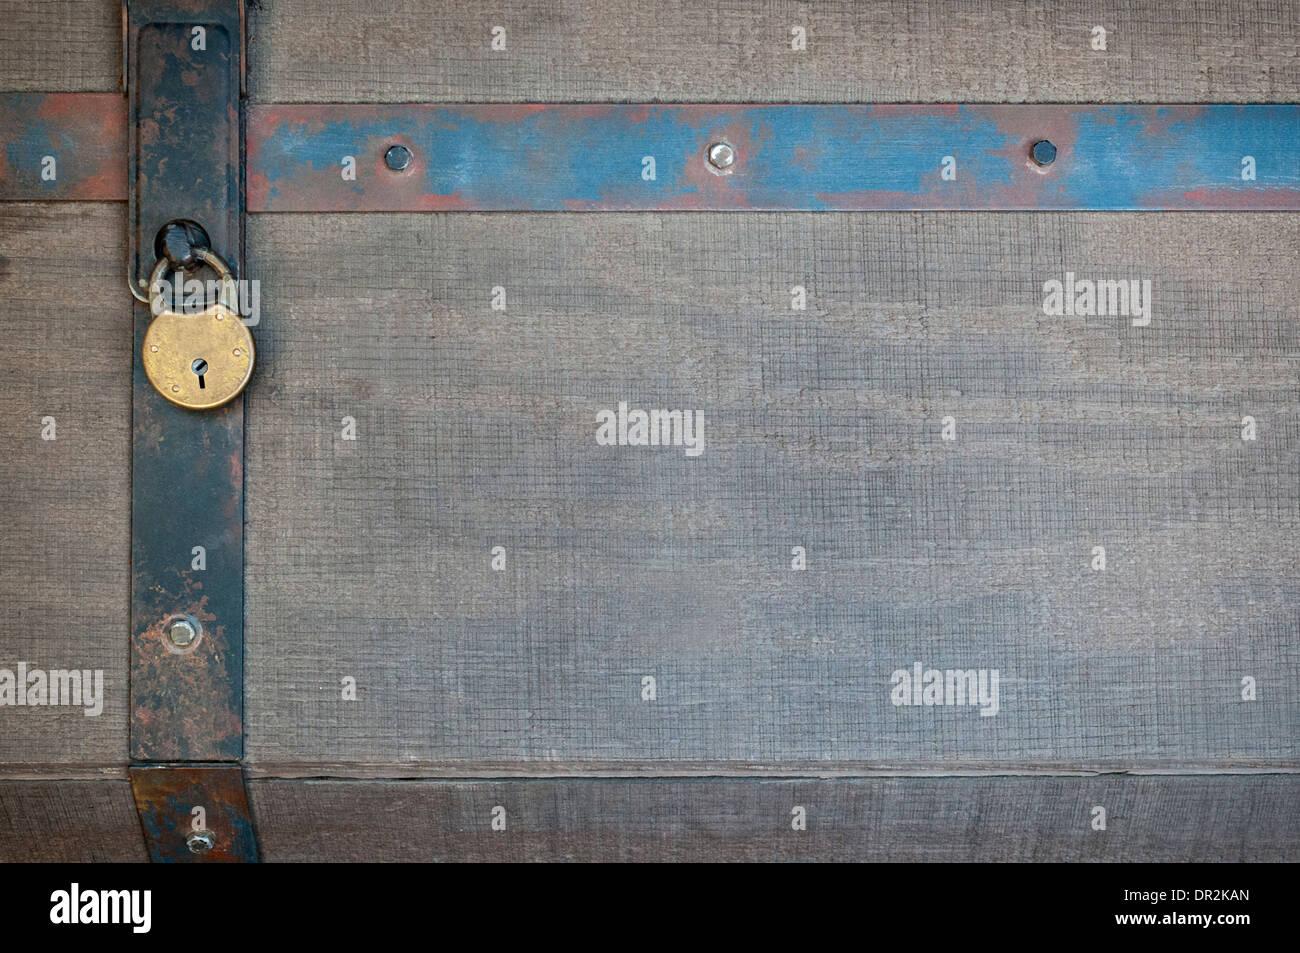 Vorhängeschloss und Metallbändern sichern Ihre eigene Grafiken Stockbild